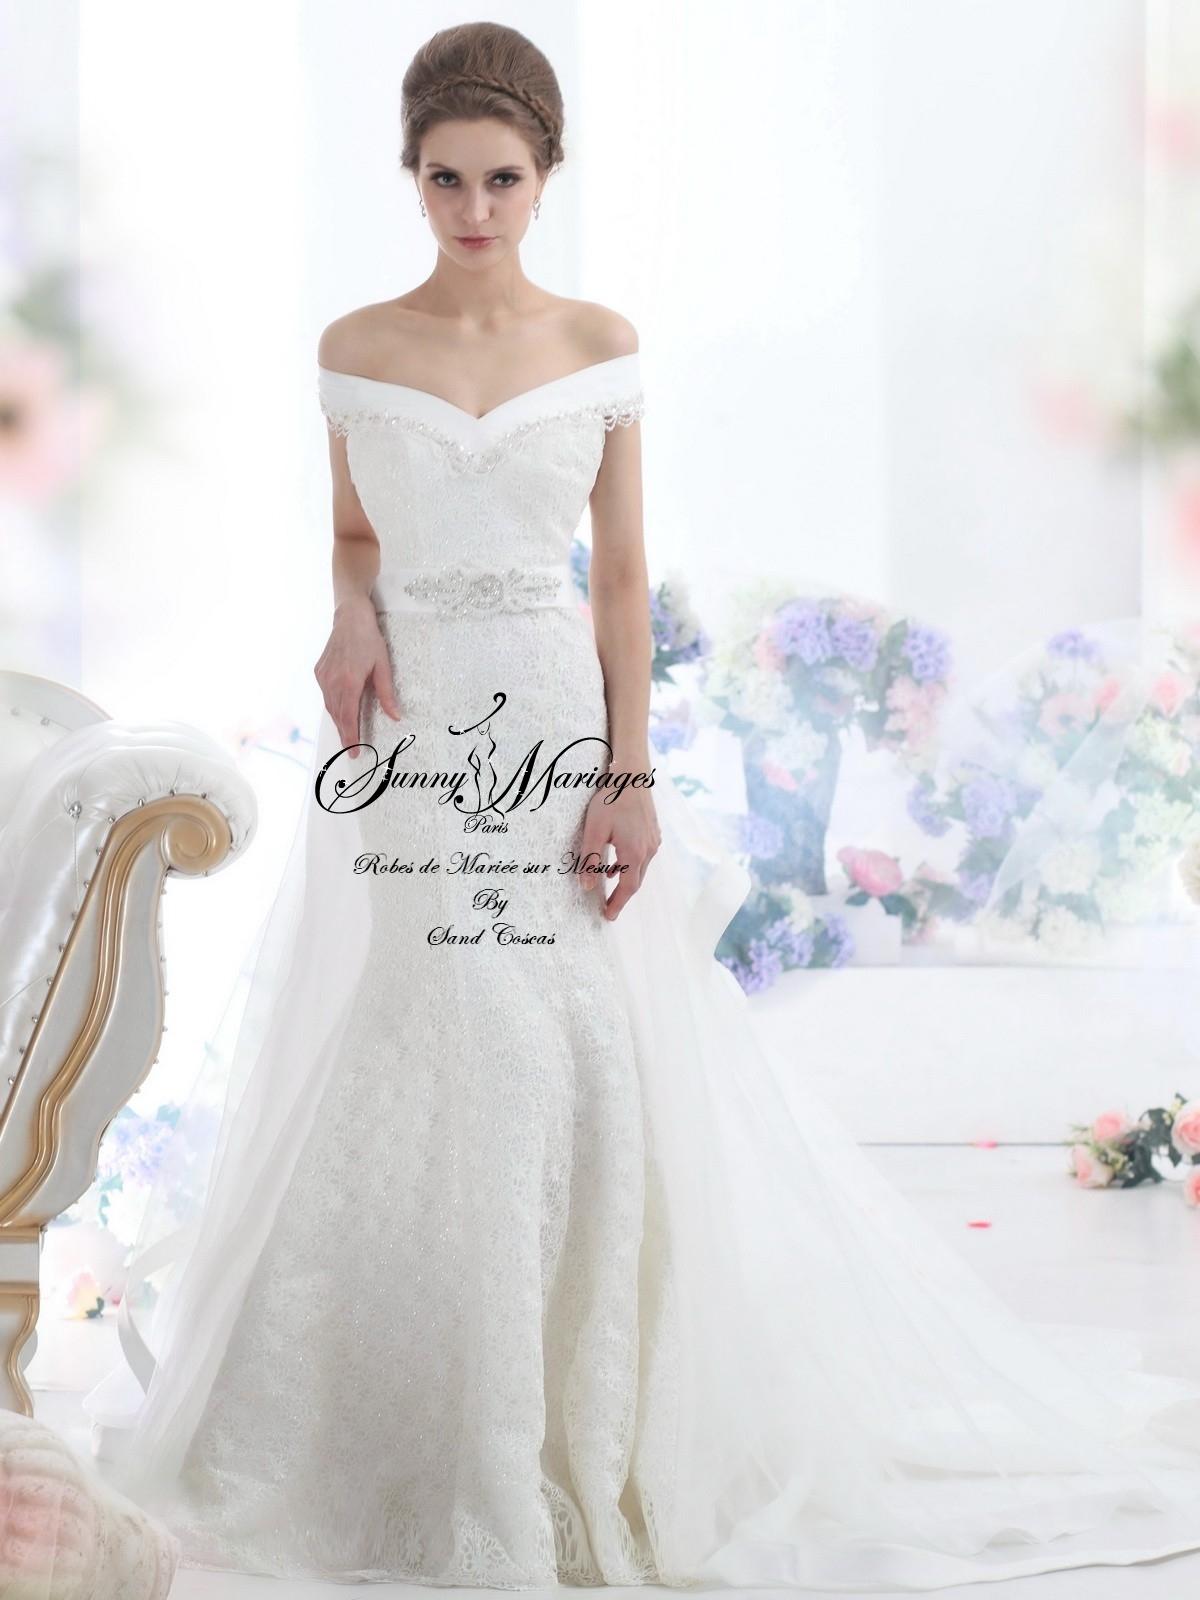 ... robe de mariée » Robe de mariée – dentelle – manche